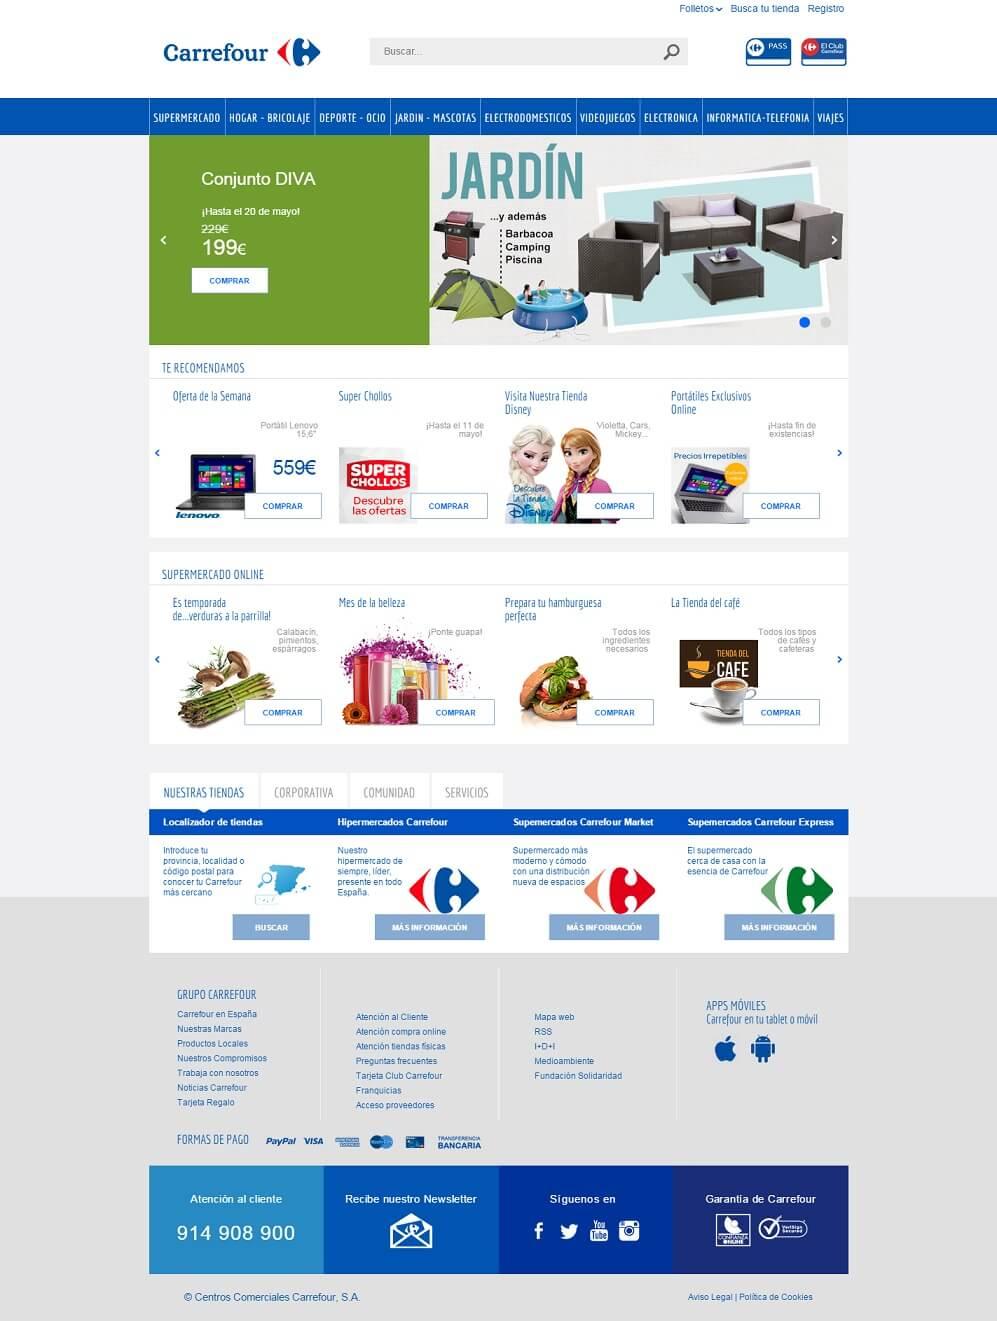 Carrefour elementos básicos del diseño gráfico